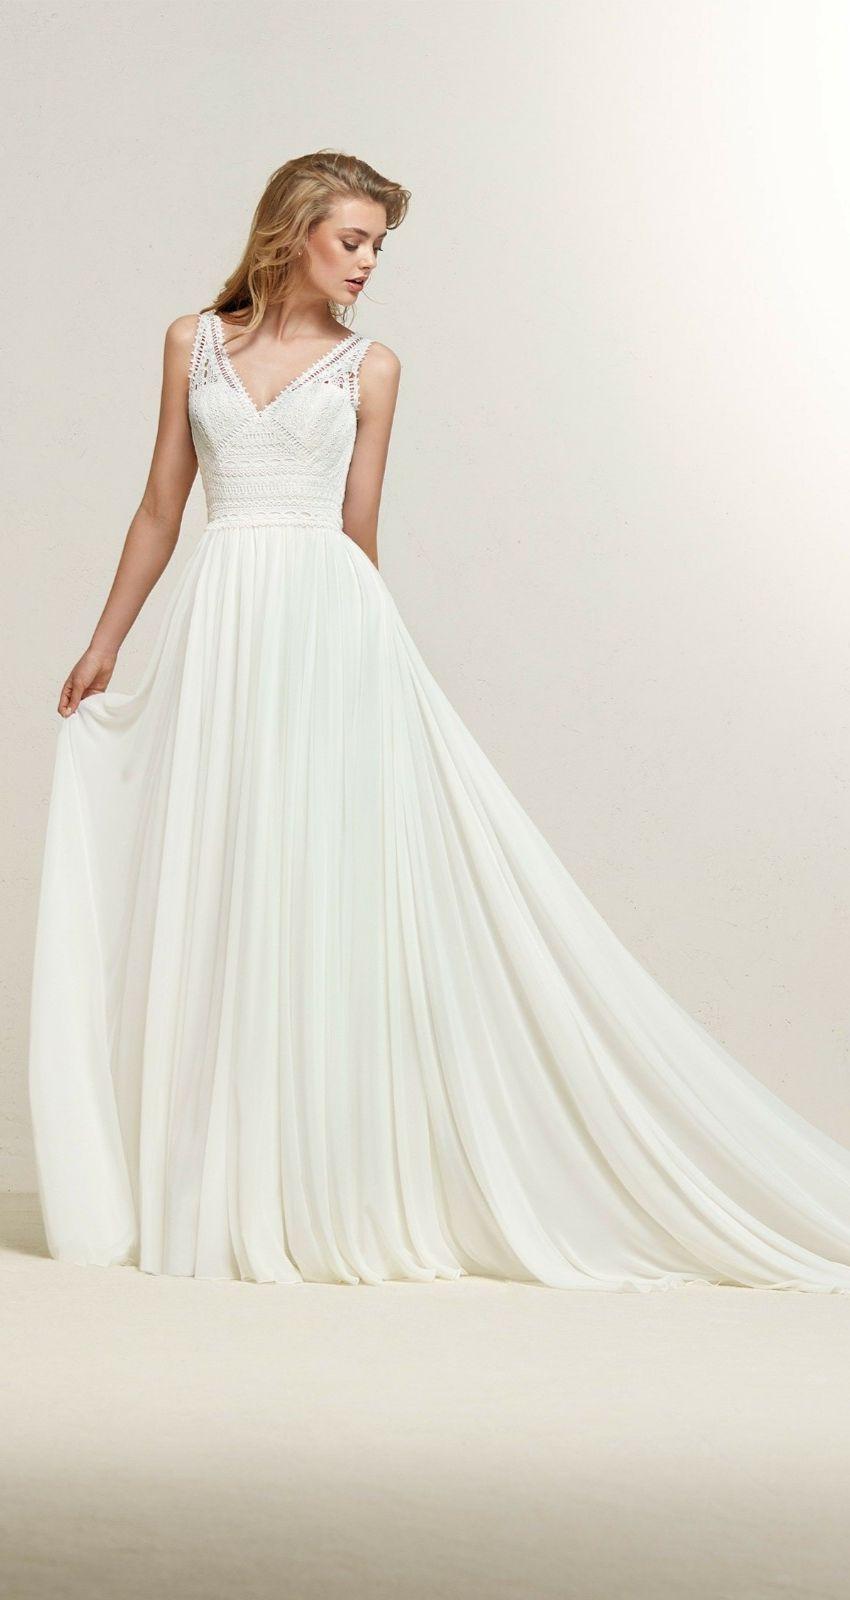 2 piece crop top wedding dress  DRAMIA PR  Vivienne  Bridal Gowns Wedding Dress in